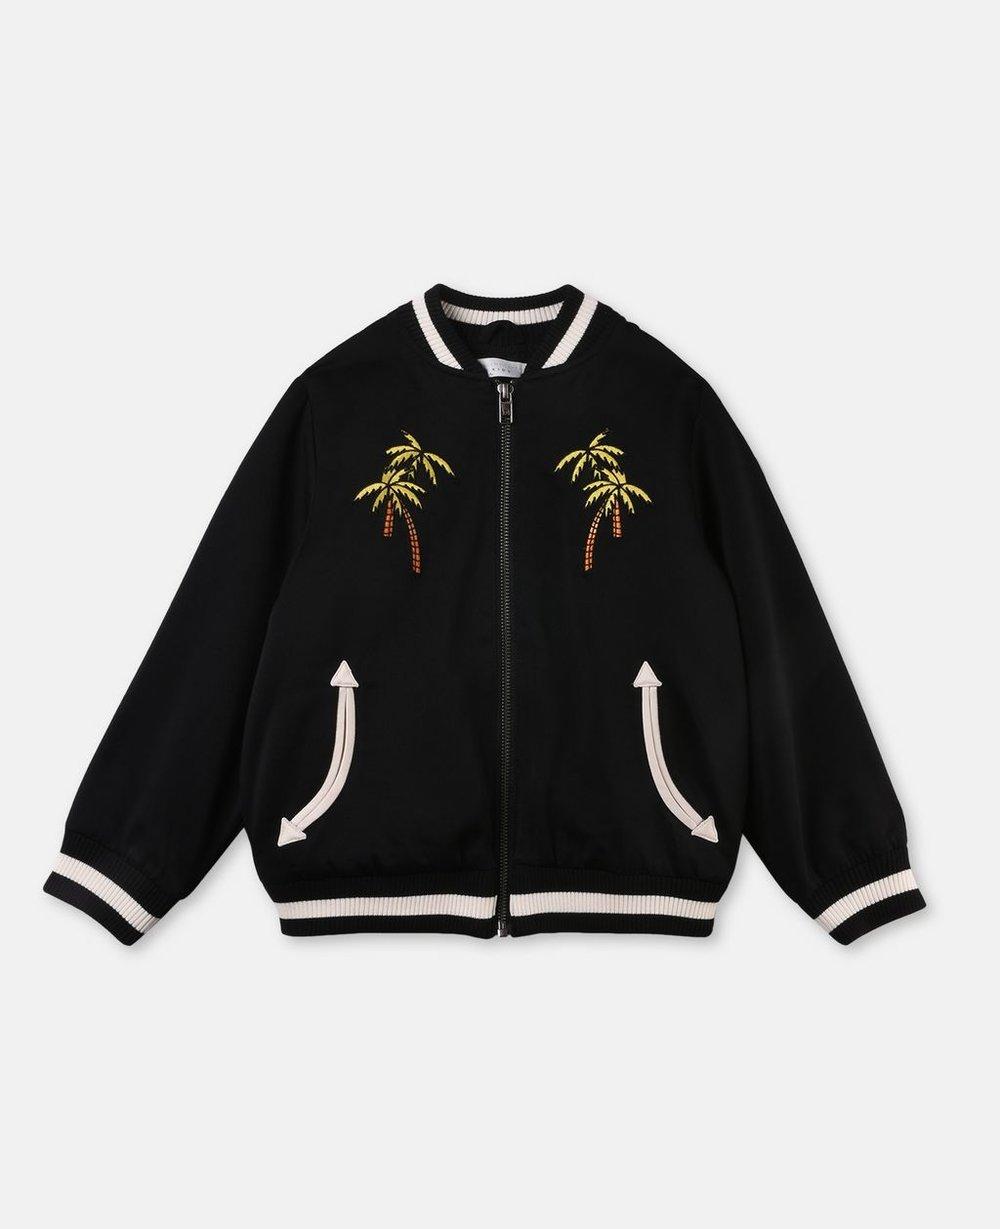 BOY JACKETS/outerwear -